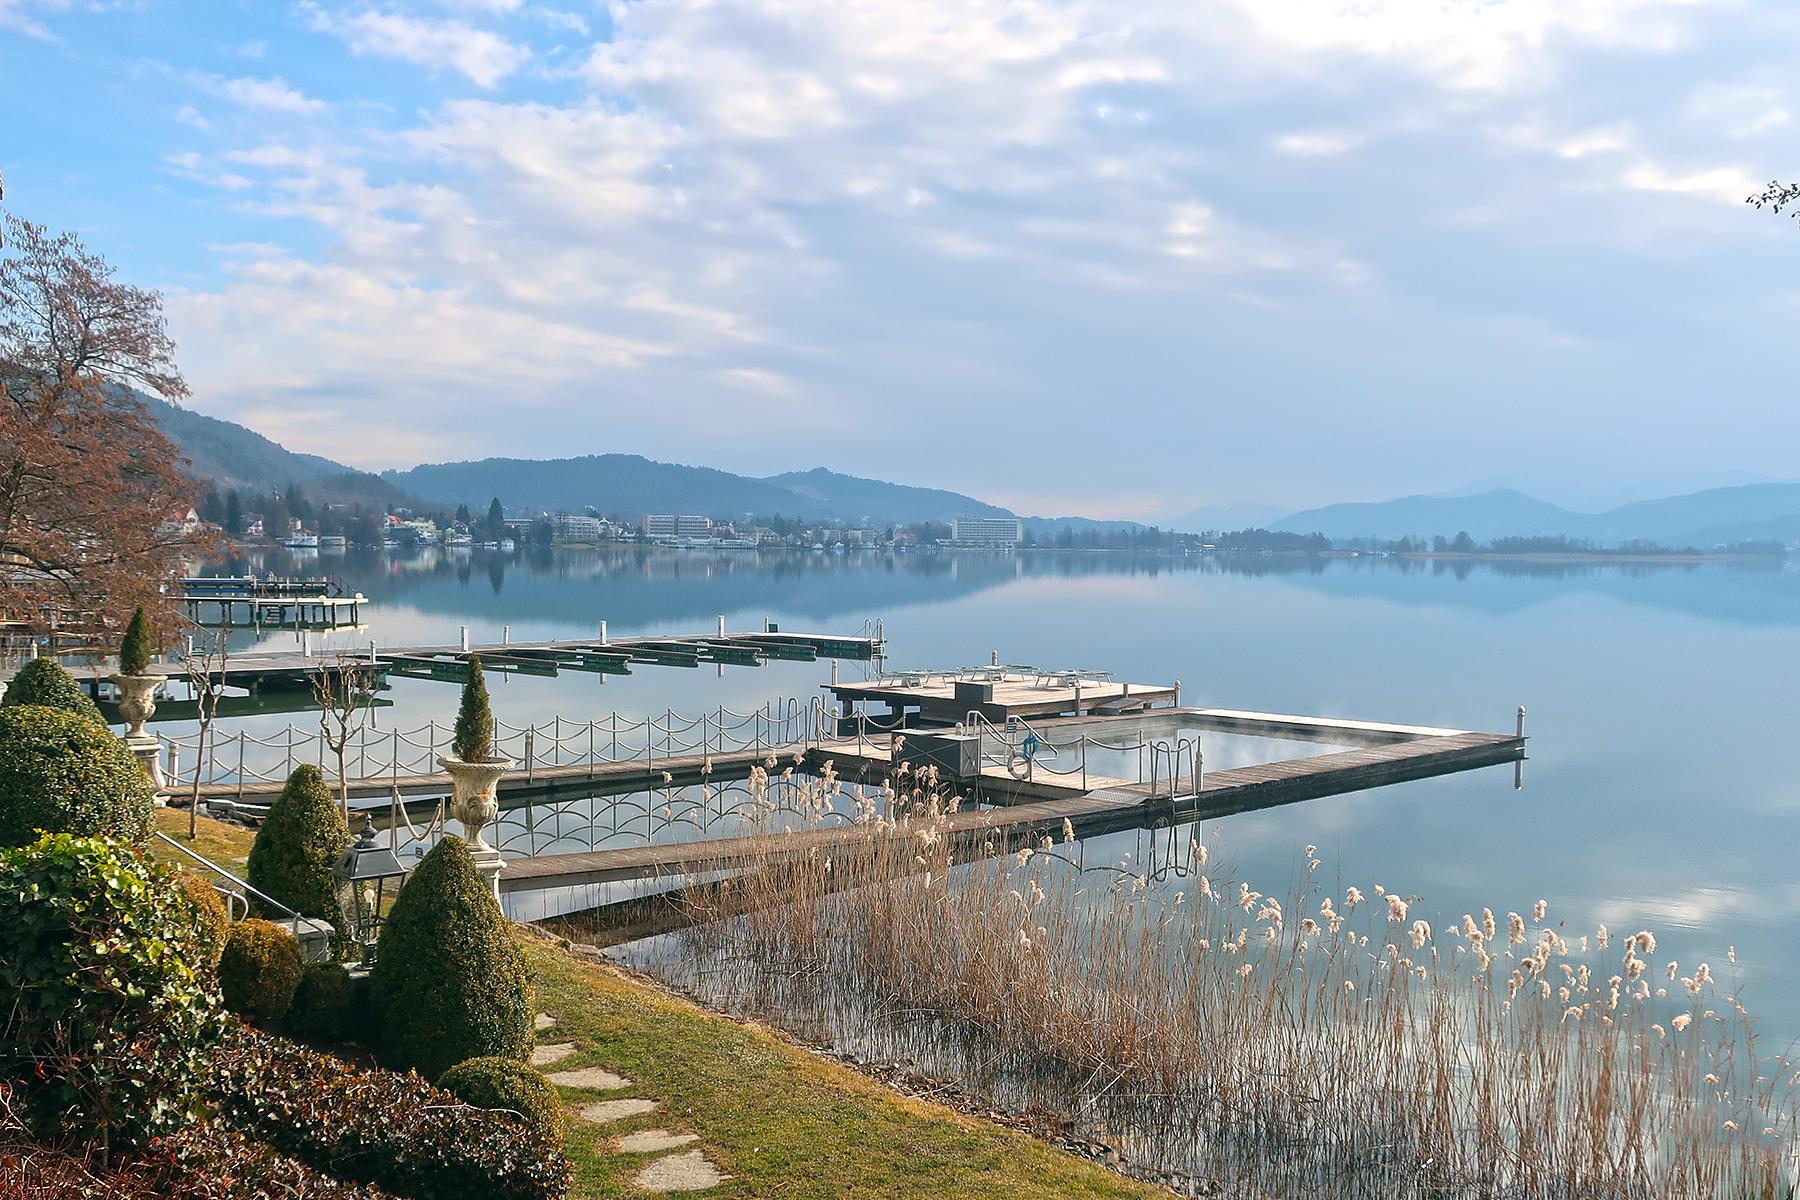 Auszeit in Kärnten: Schwimmen, schmausen und schweigen in Kärntens Schlosshotels